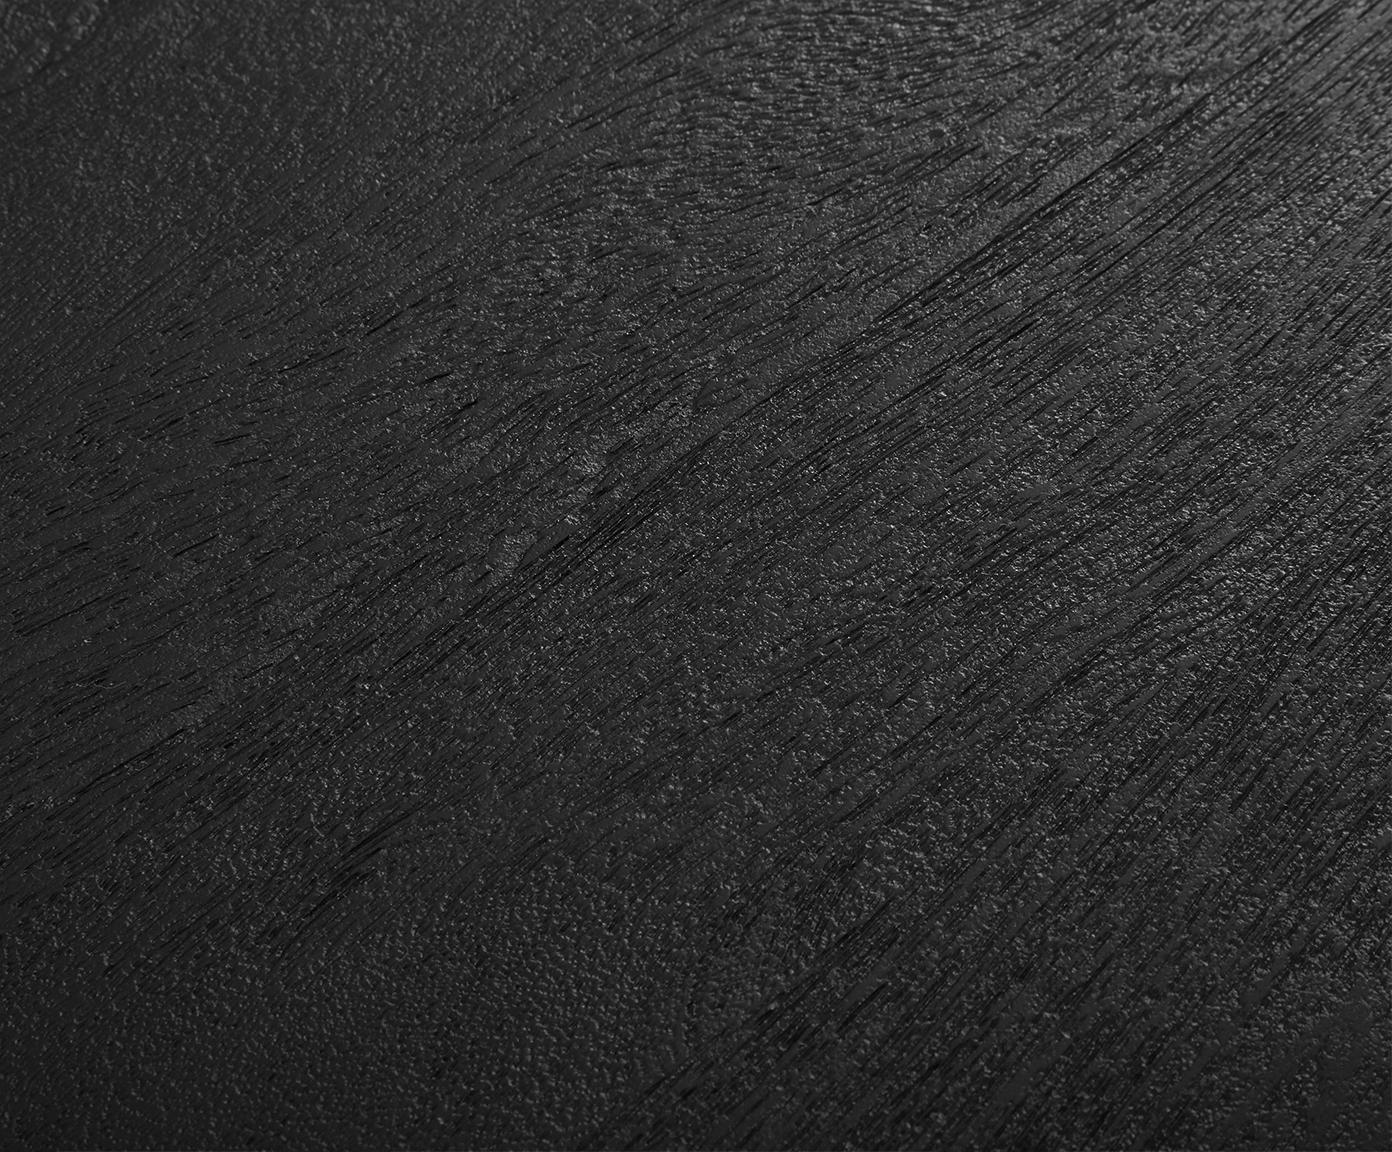 Komplet stolików kawowych z drewna mangowego Andrew, 2 elem., Blat: lite drewno mangowe, szcz, Stelaż: metal malowany proszkowo, Blaty stołów: drewno mangowe, czarny lakierowany Stelaż: czarny, matowy, Różne rozmiary